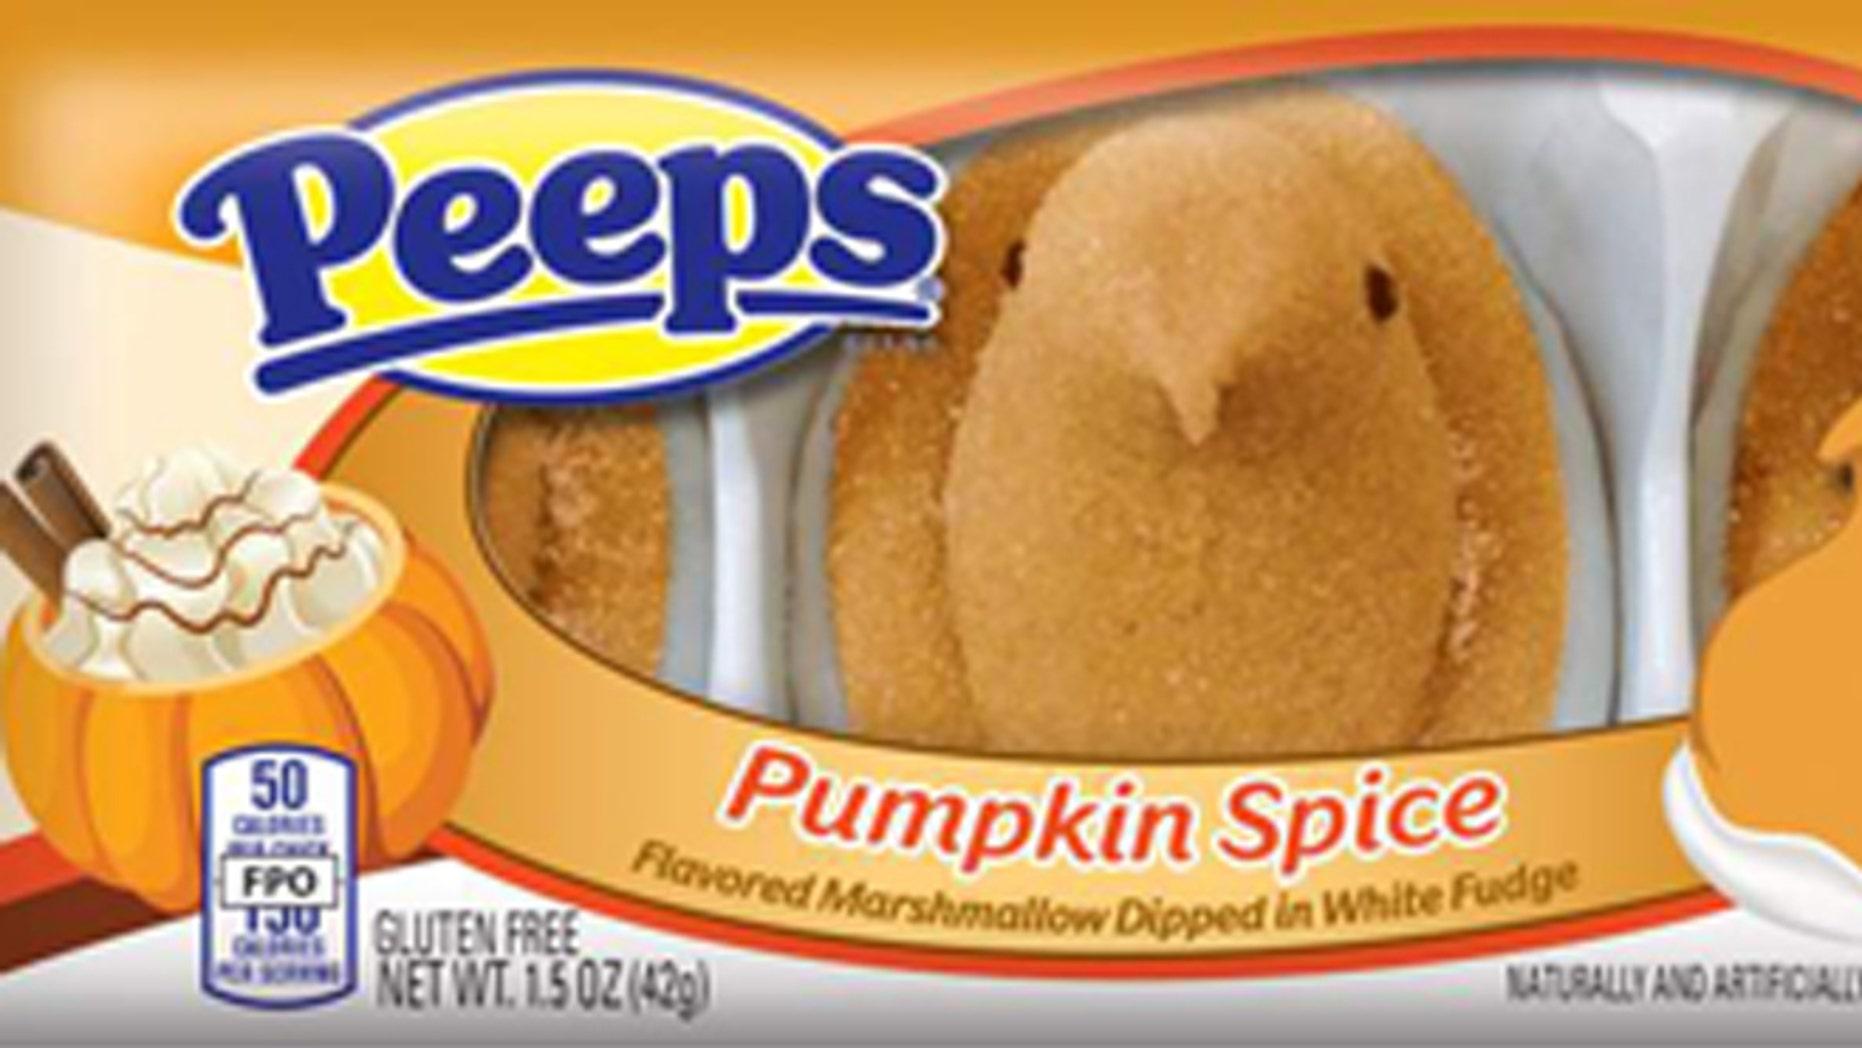 Pumpkin spice lovers rejoice.